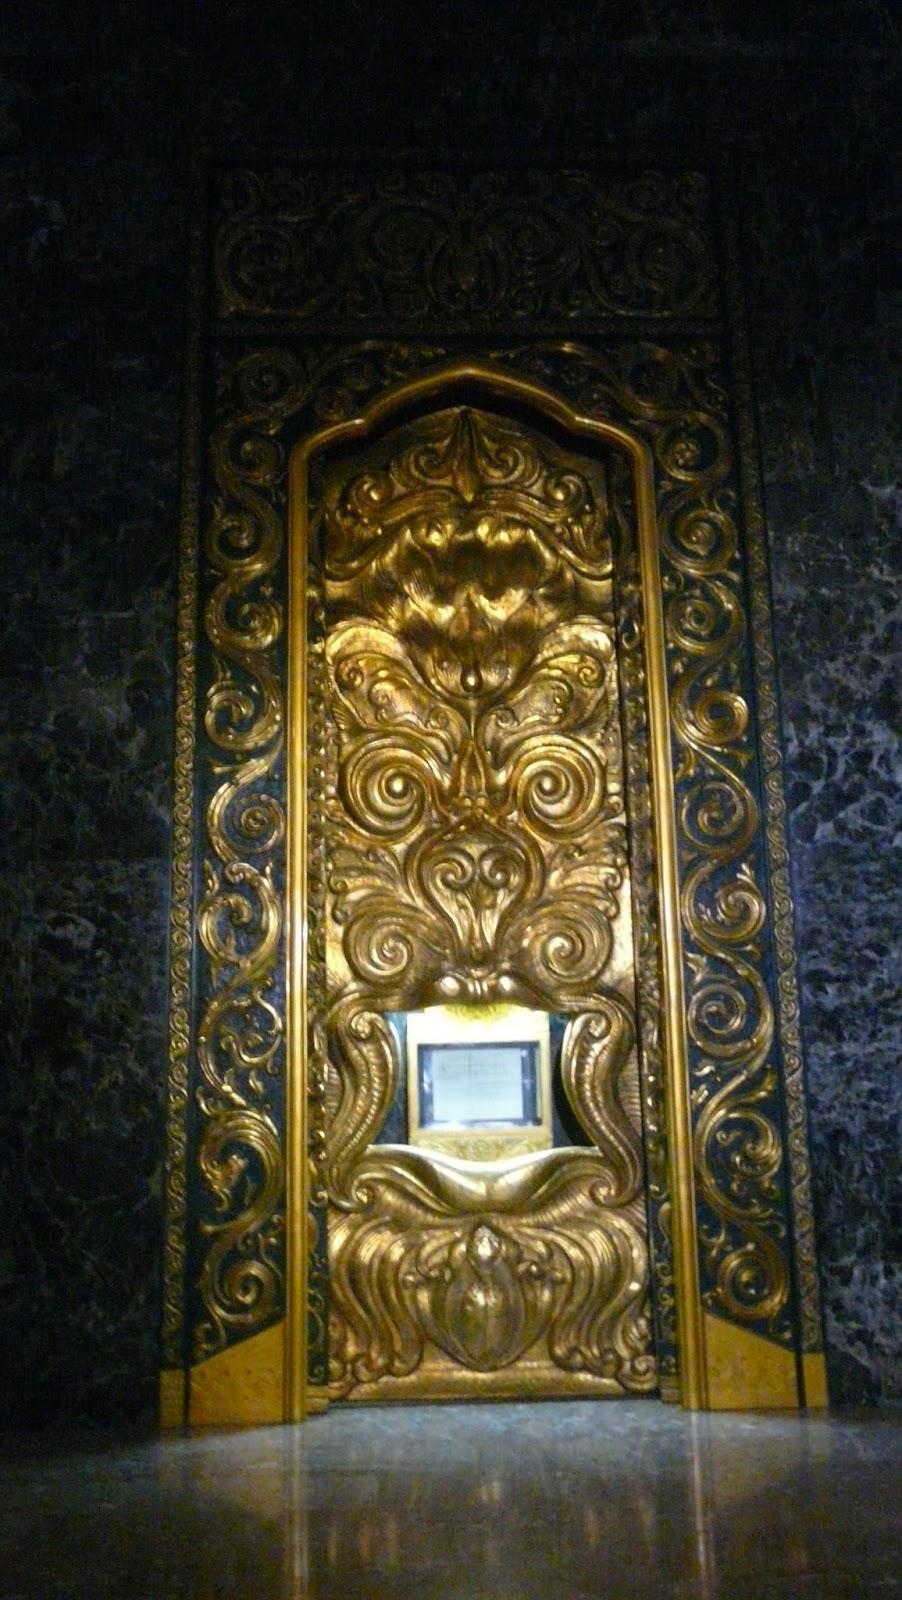 Индонезия! За нея един живот не стига. Вътрешността на монумента Монас, където  се пази документа за създаването на съвременната държава с подписа на президента Сукарно